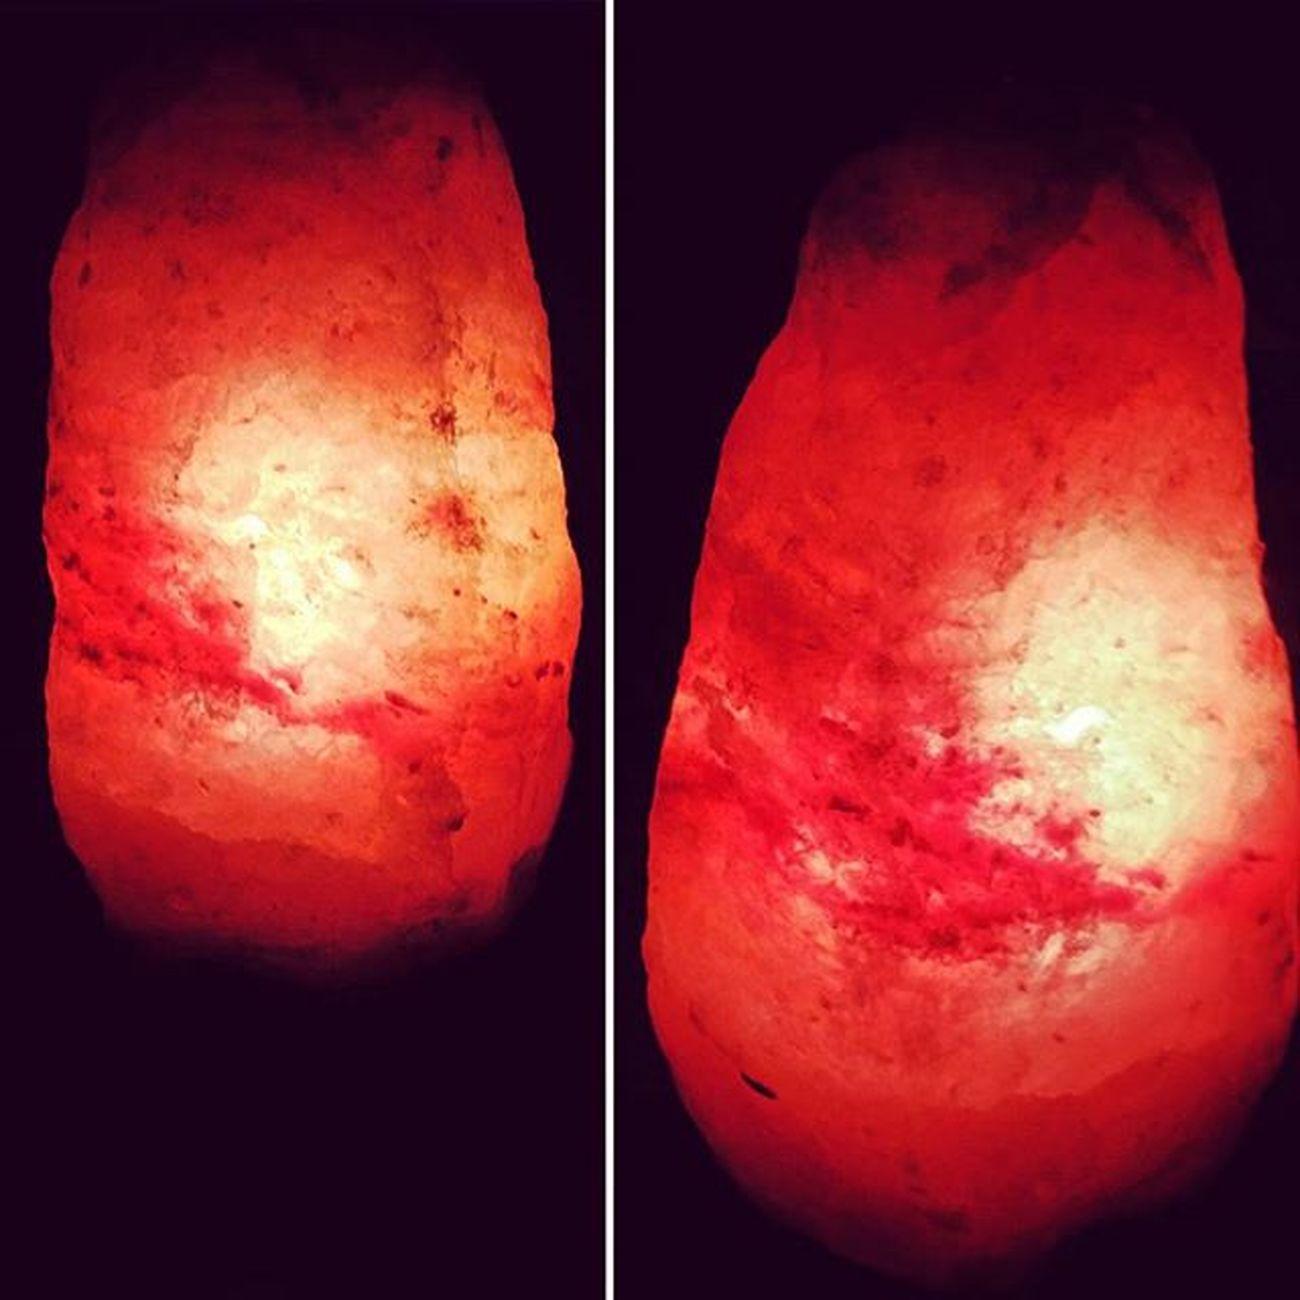 Himalayansaltlamps Lovethemsomuch Buyingbiggeronesthisweek Naturalnegativeionizers neutraliseharmfulwavelengths positivehealthbenefits